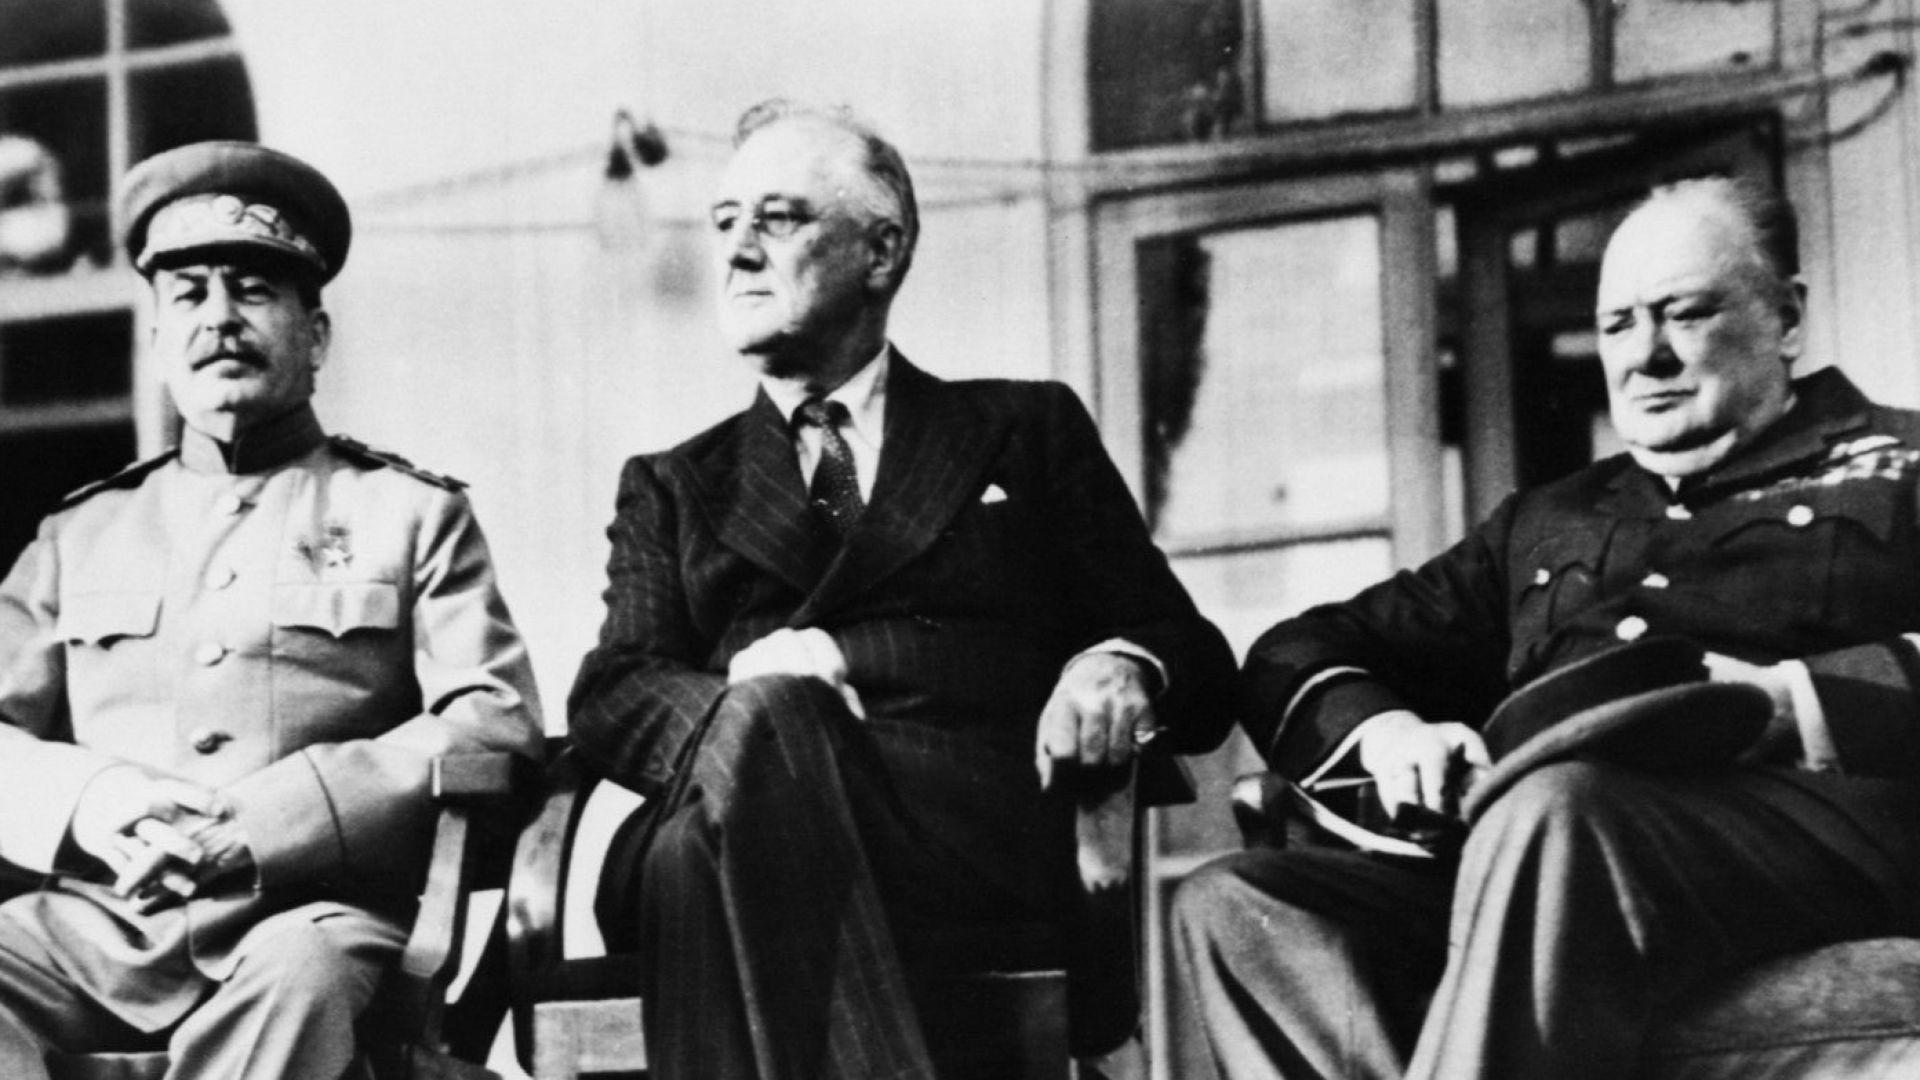 Преди 75 години Сталин, Рузвелт и Чърчил си разделиха Европа в Техеран